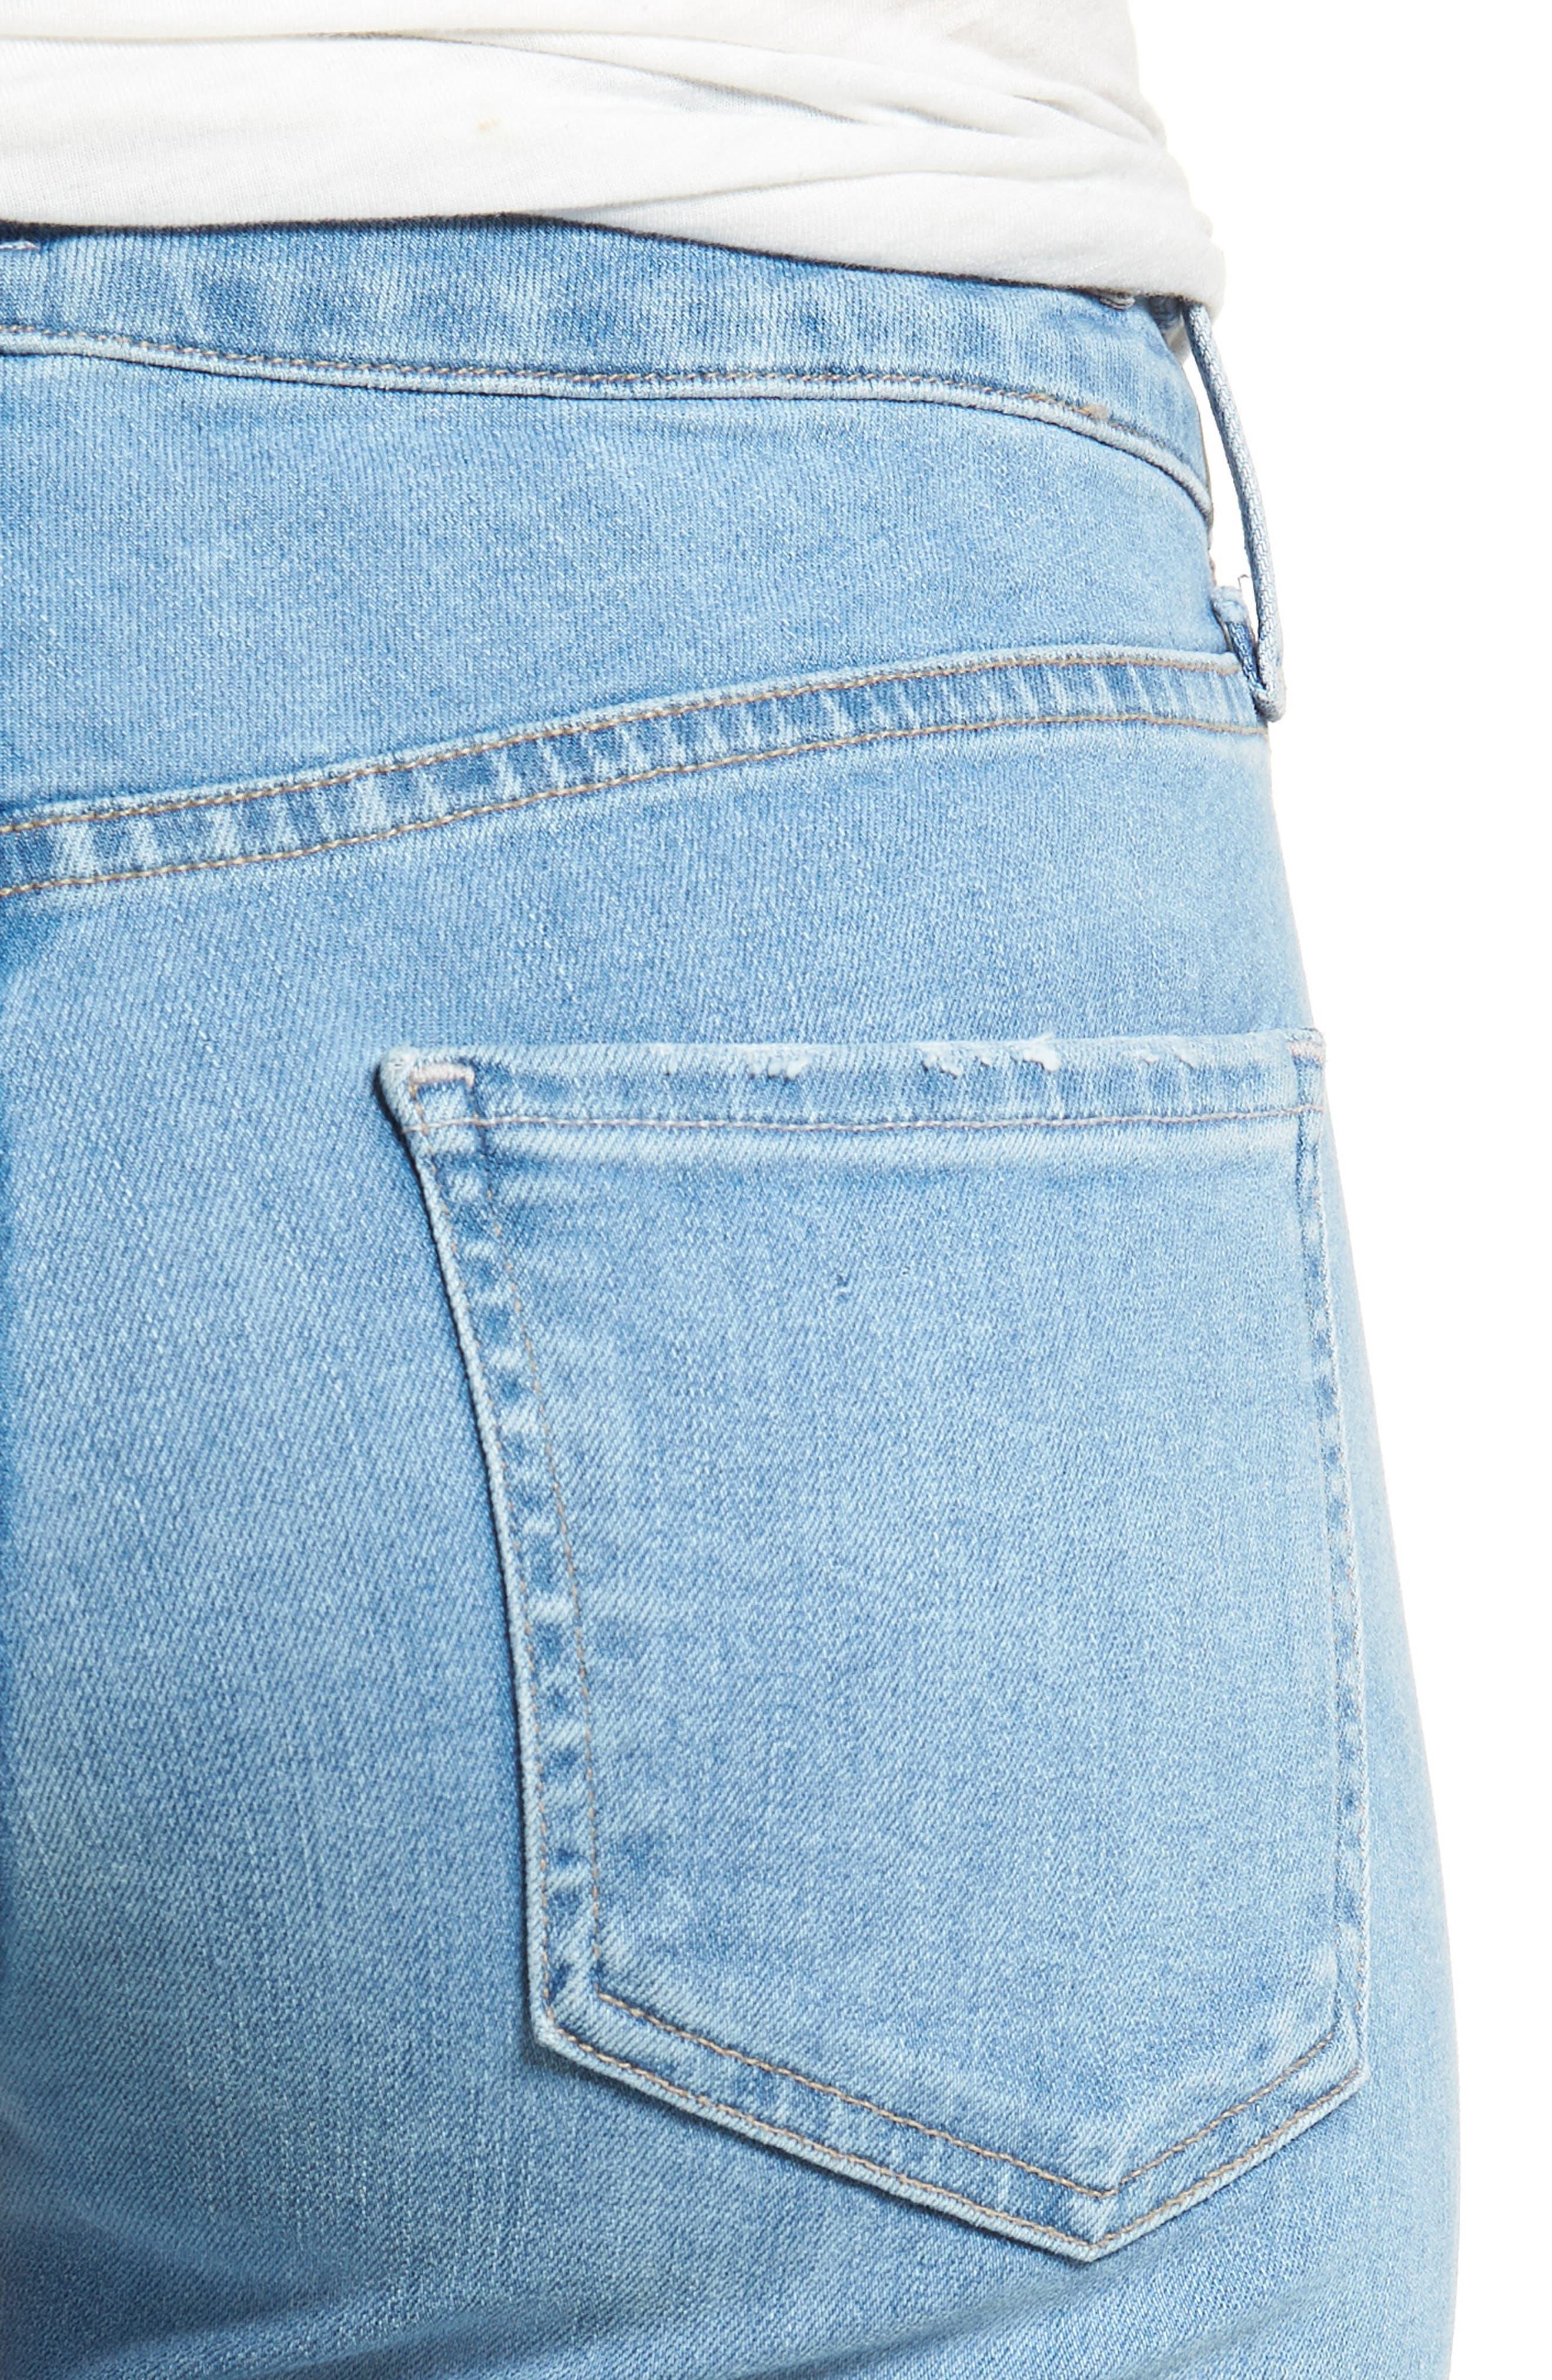 Arielle Slim Jeans,                             Alternate thumbnail 4, color,                             455